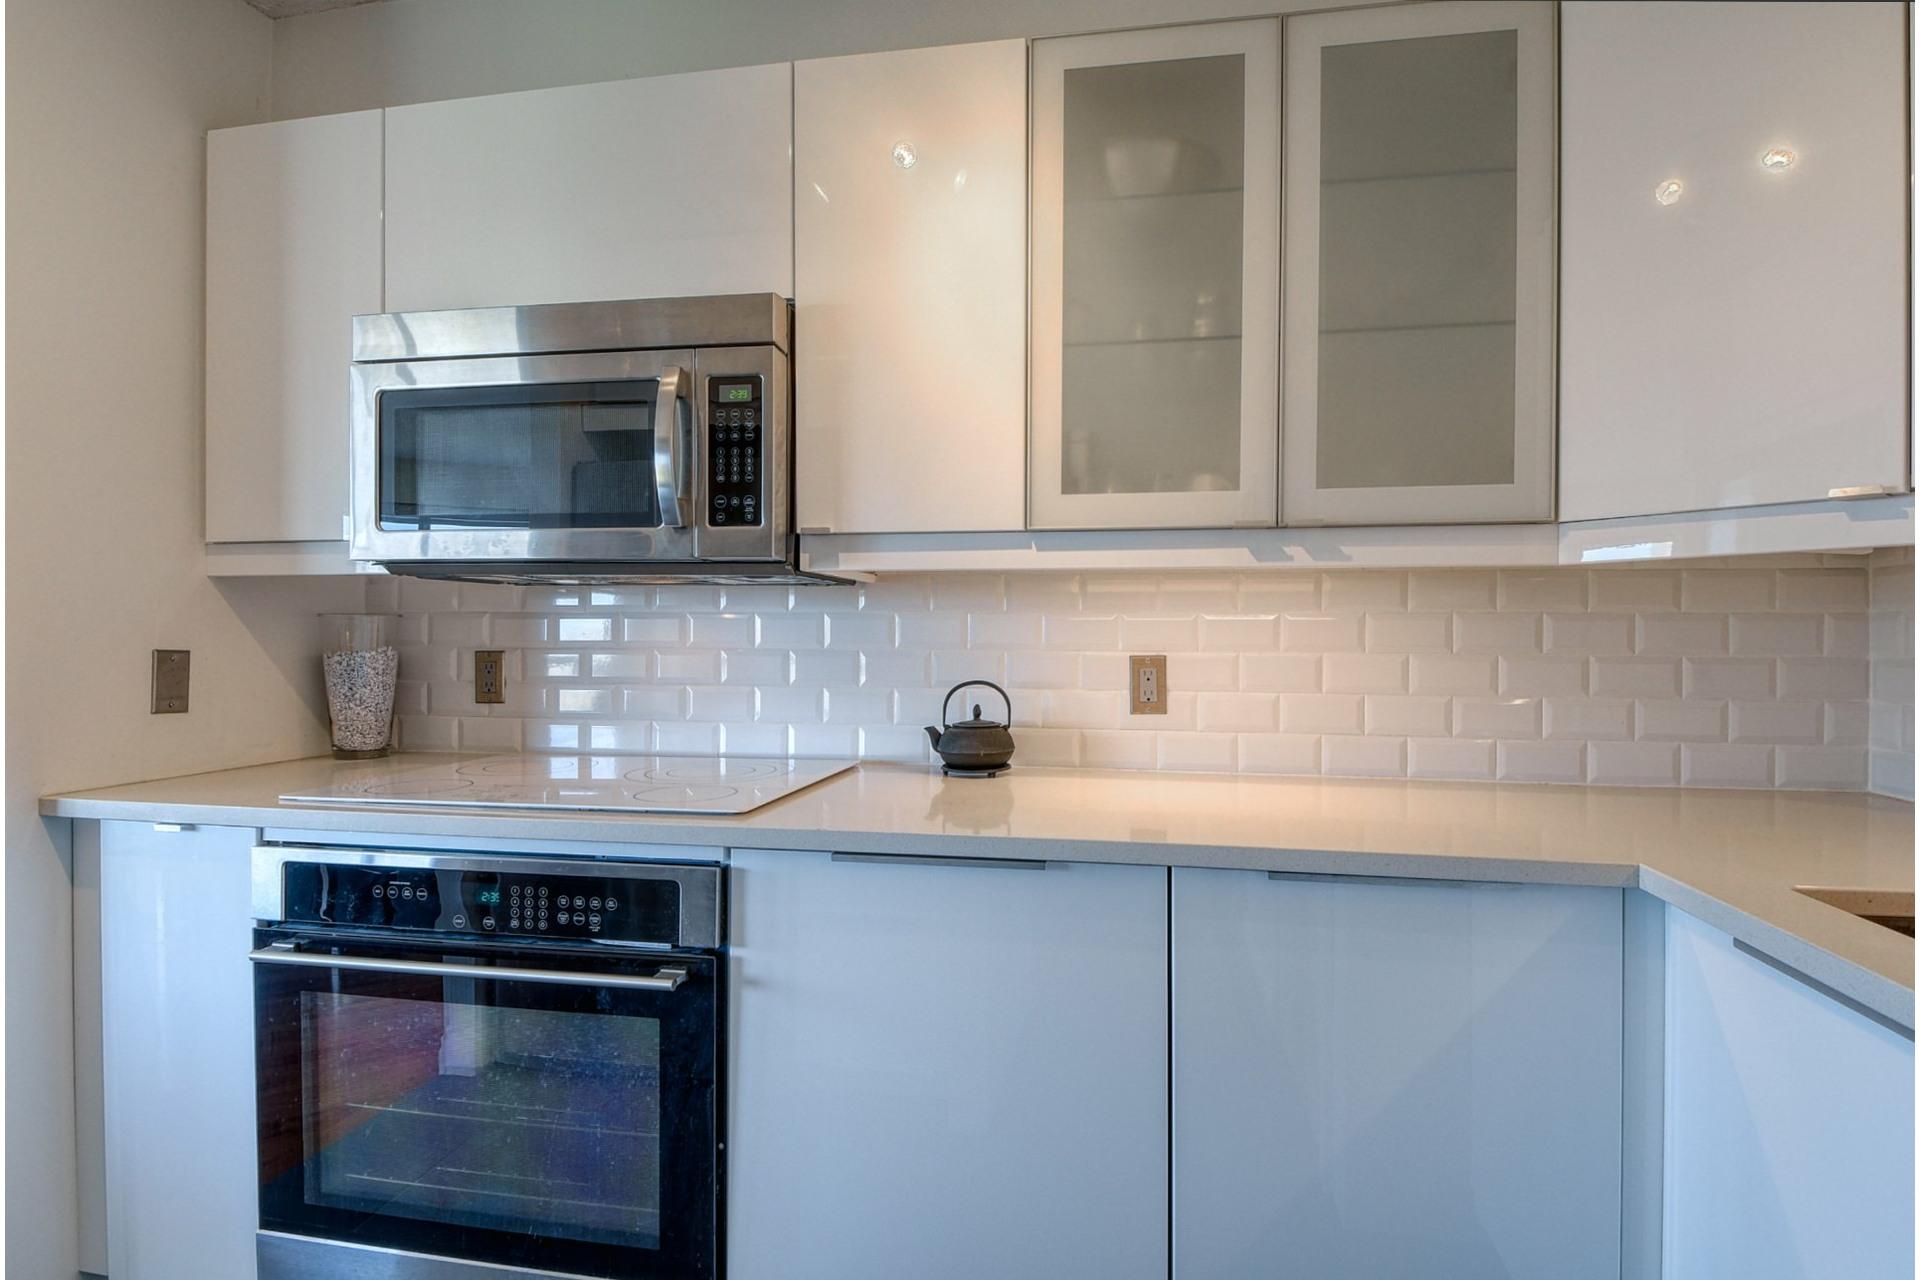 image 10 - Apartment For sale Verdun/Île-des-Soeurs Montréal  - 4 rooms